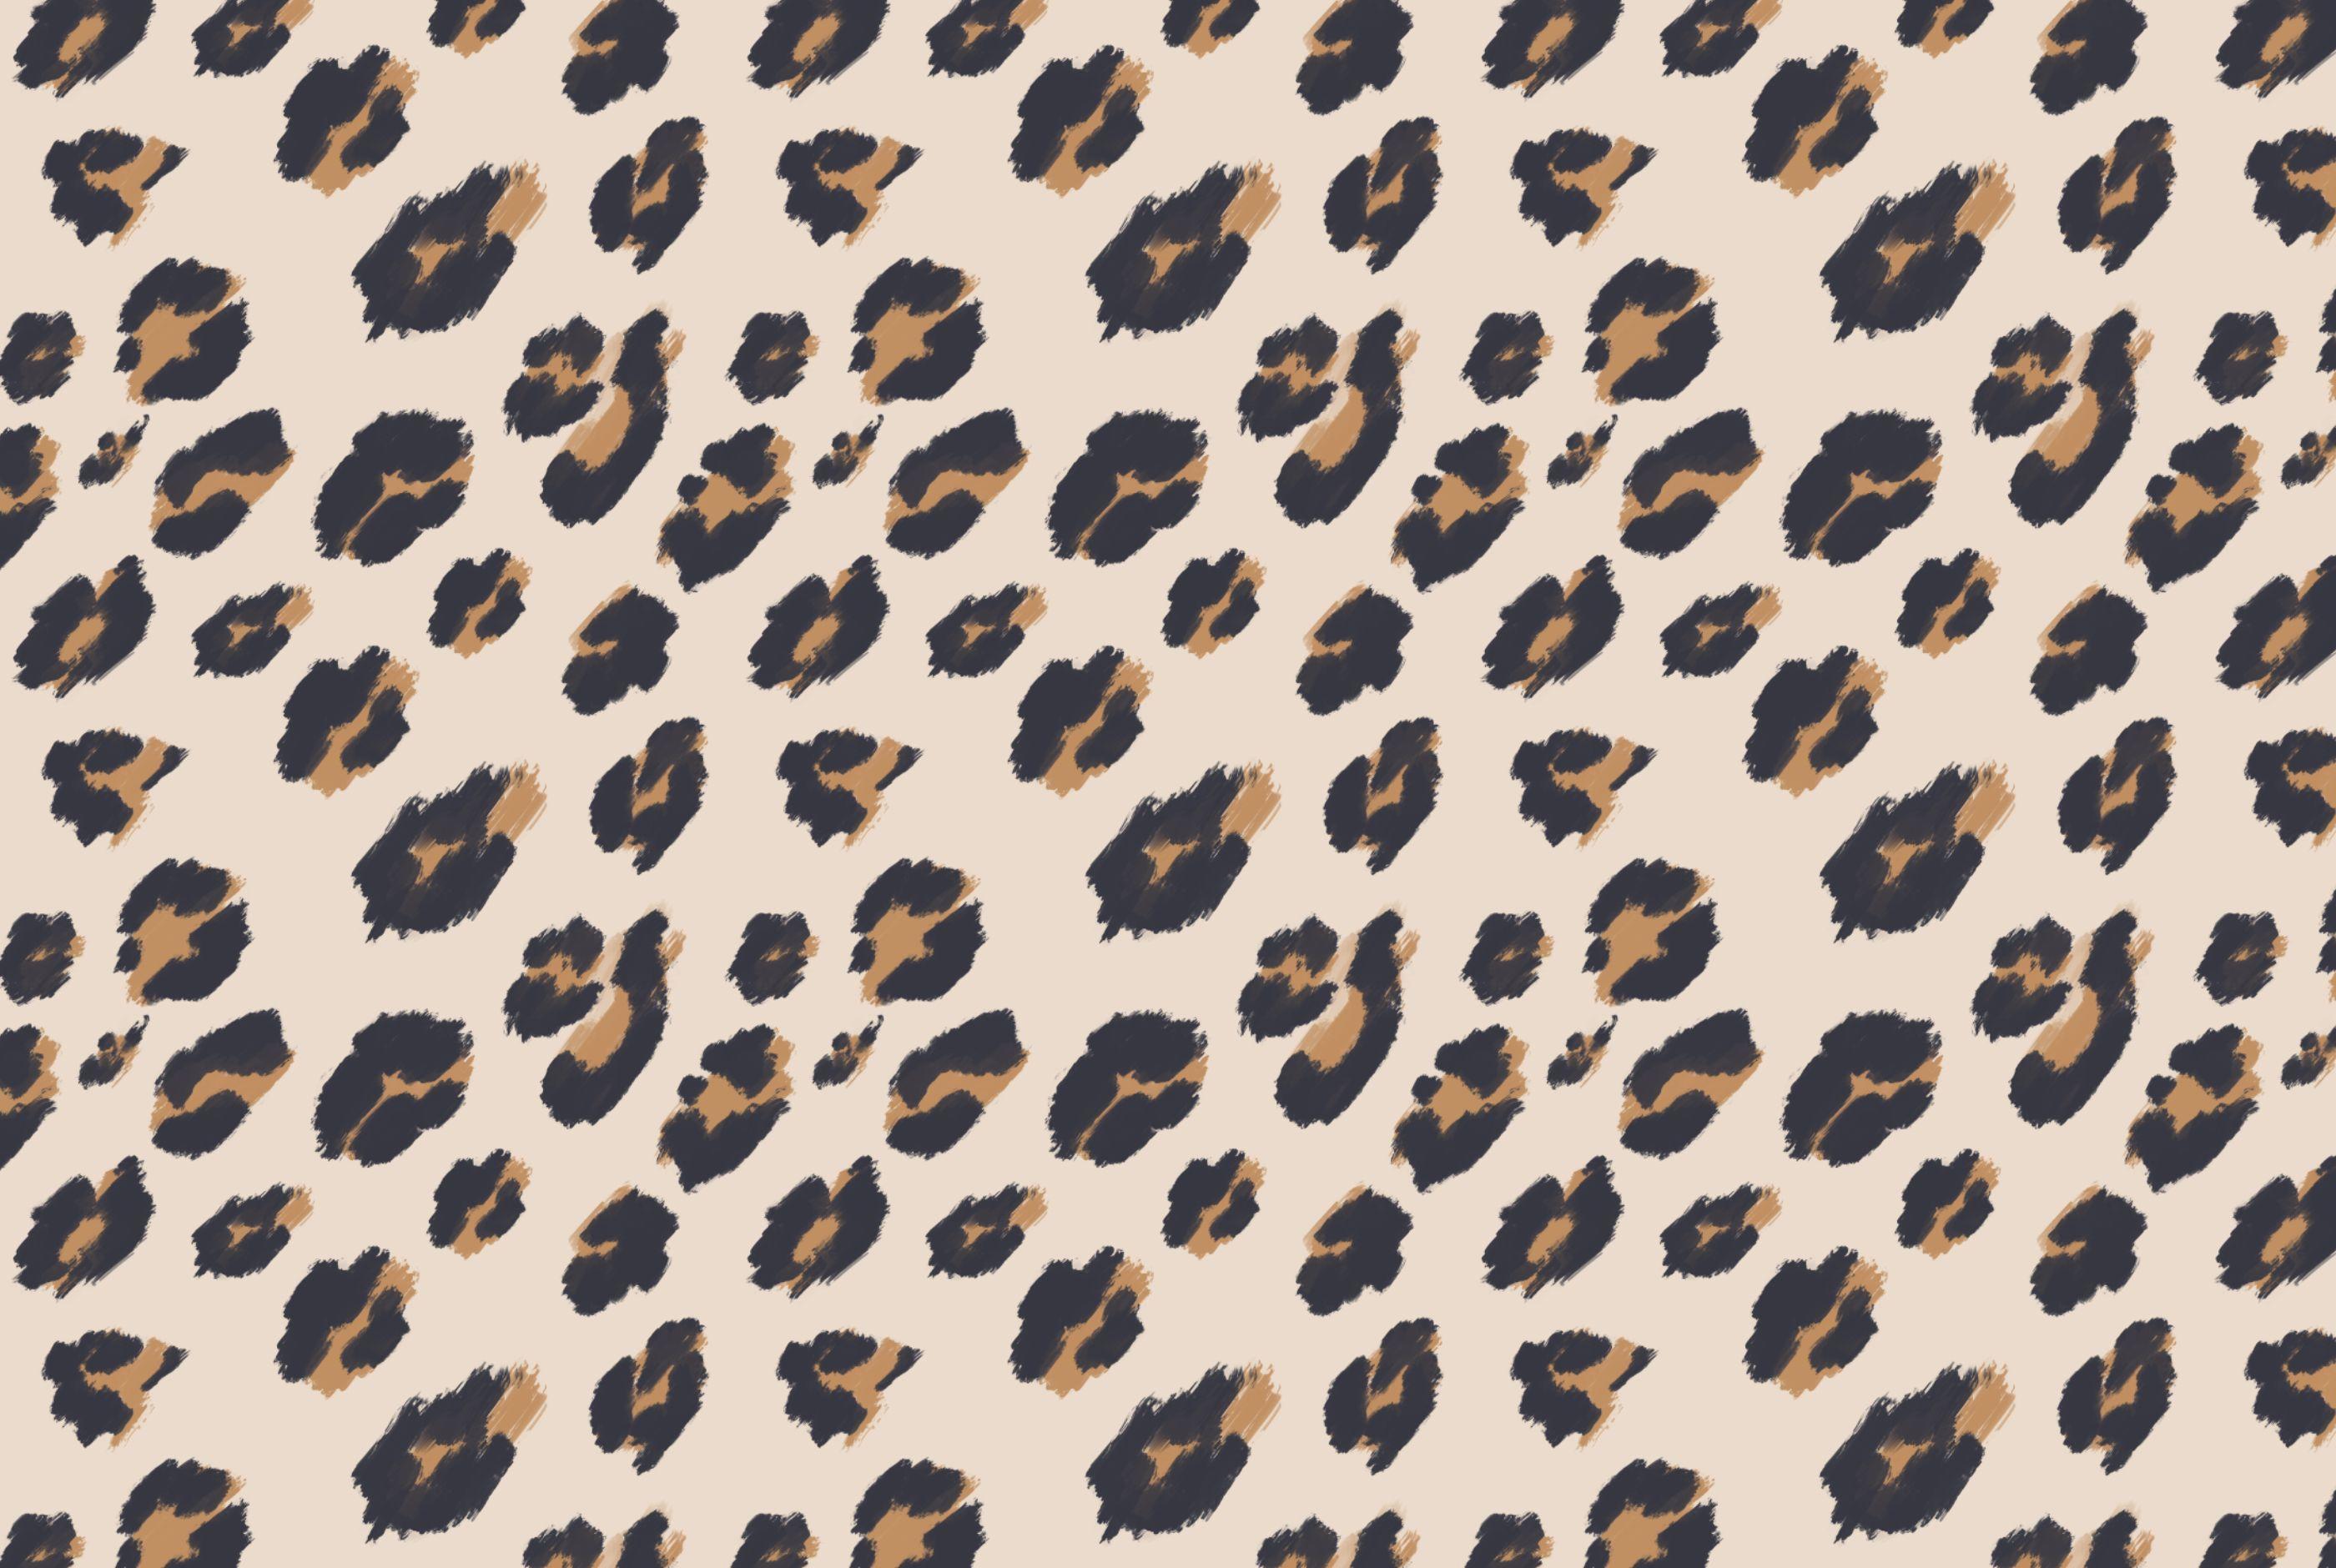 Imagen de background, wallpaper, and leopard Luipaard